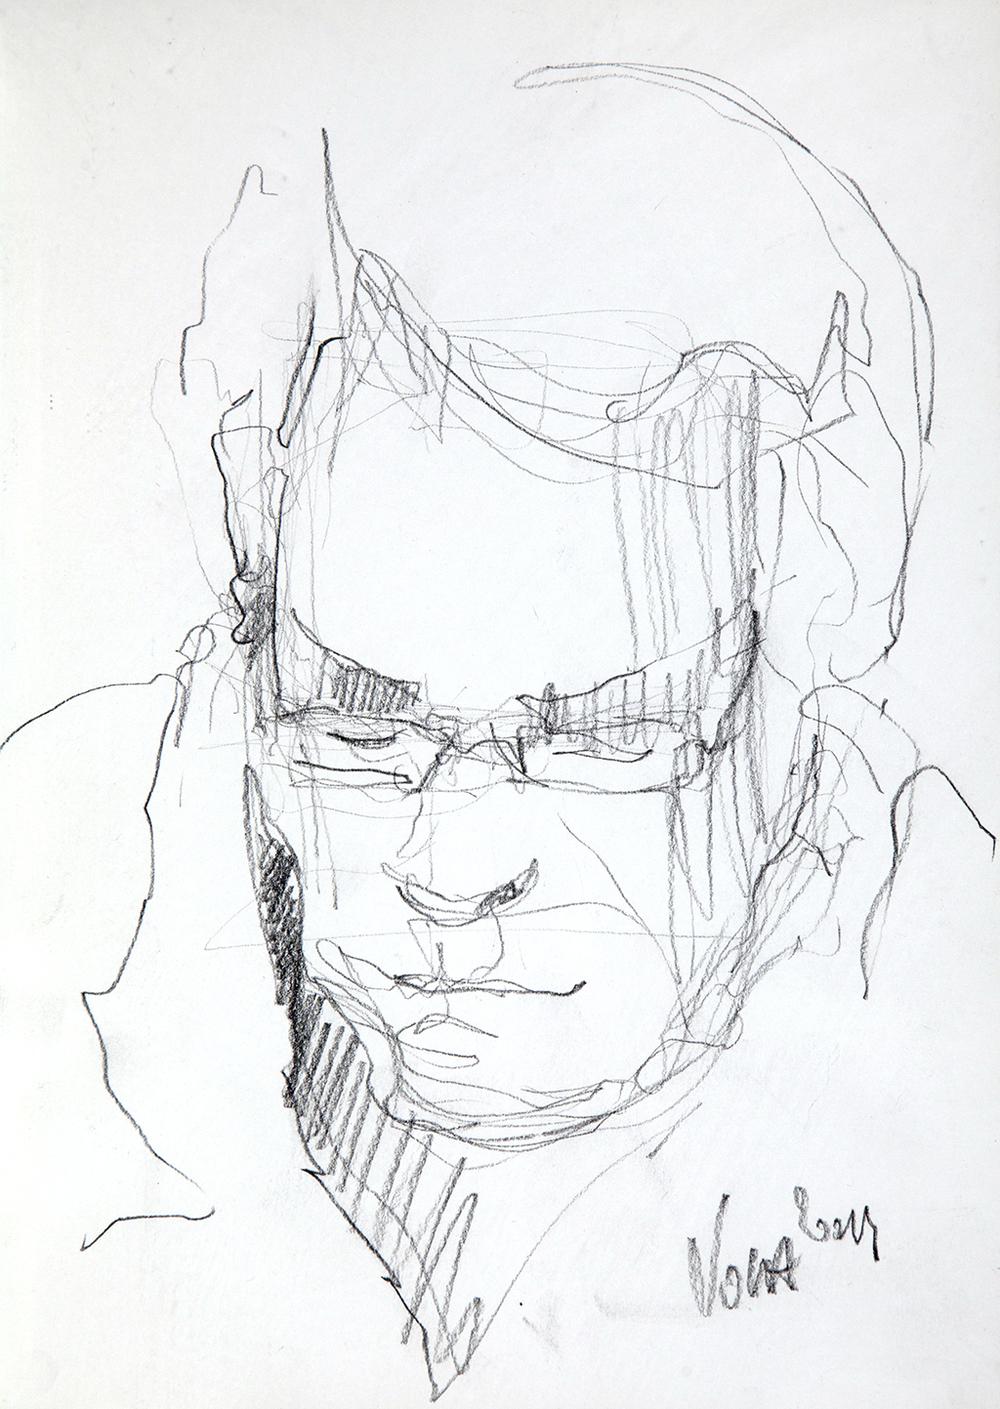 2011 05 Head 03, Skizze 32,5x45 cm.jpg